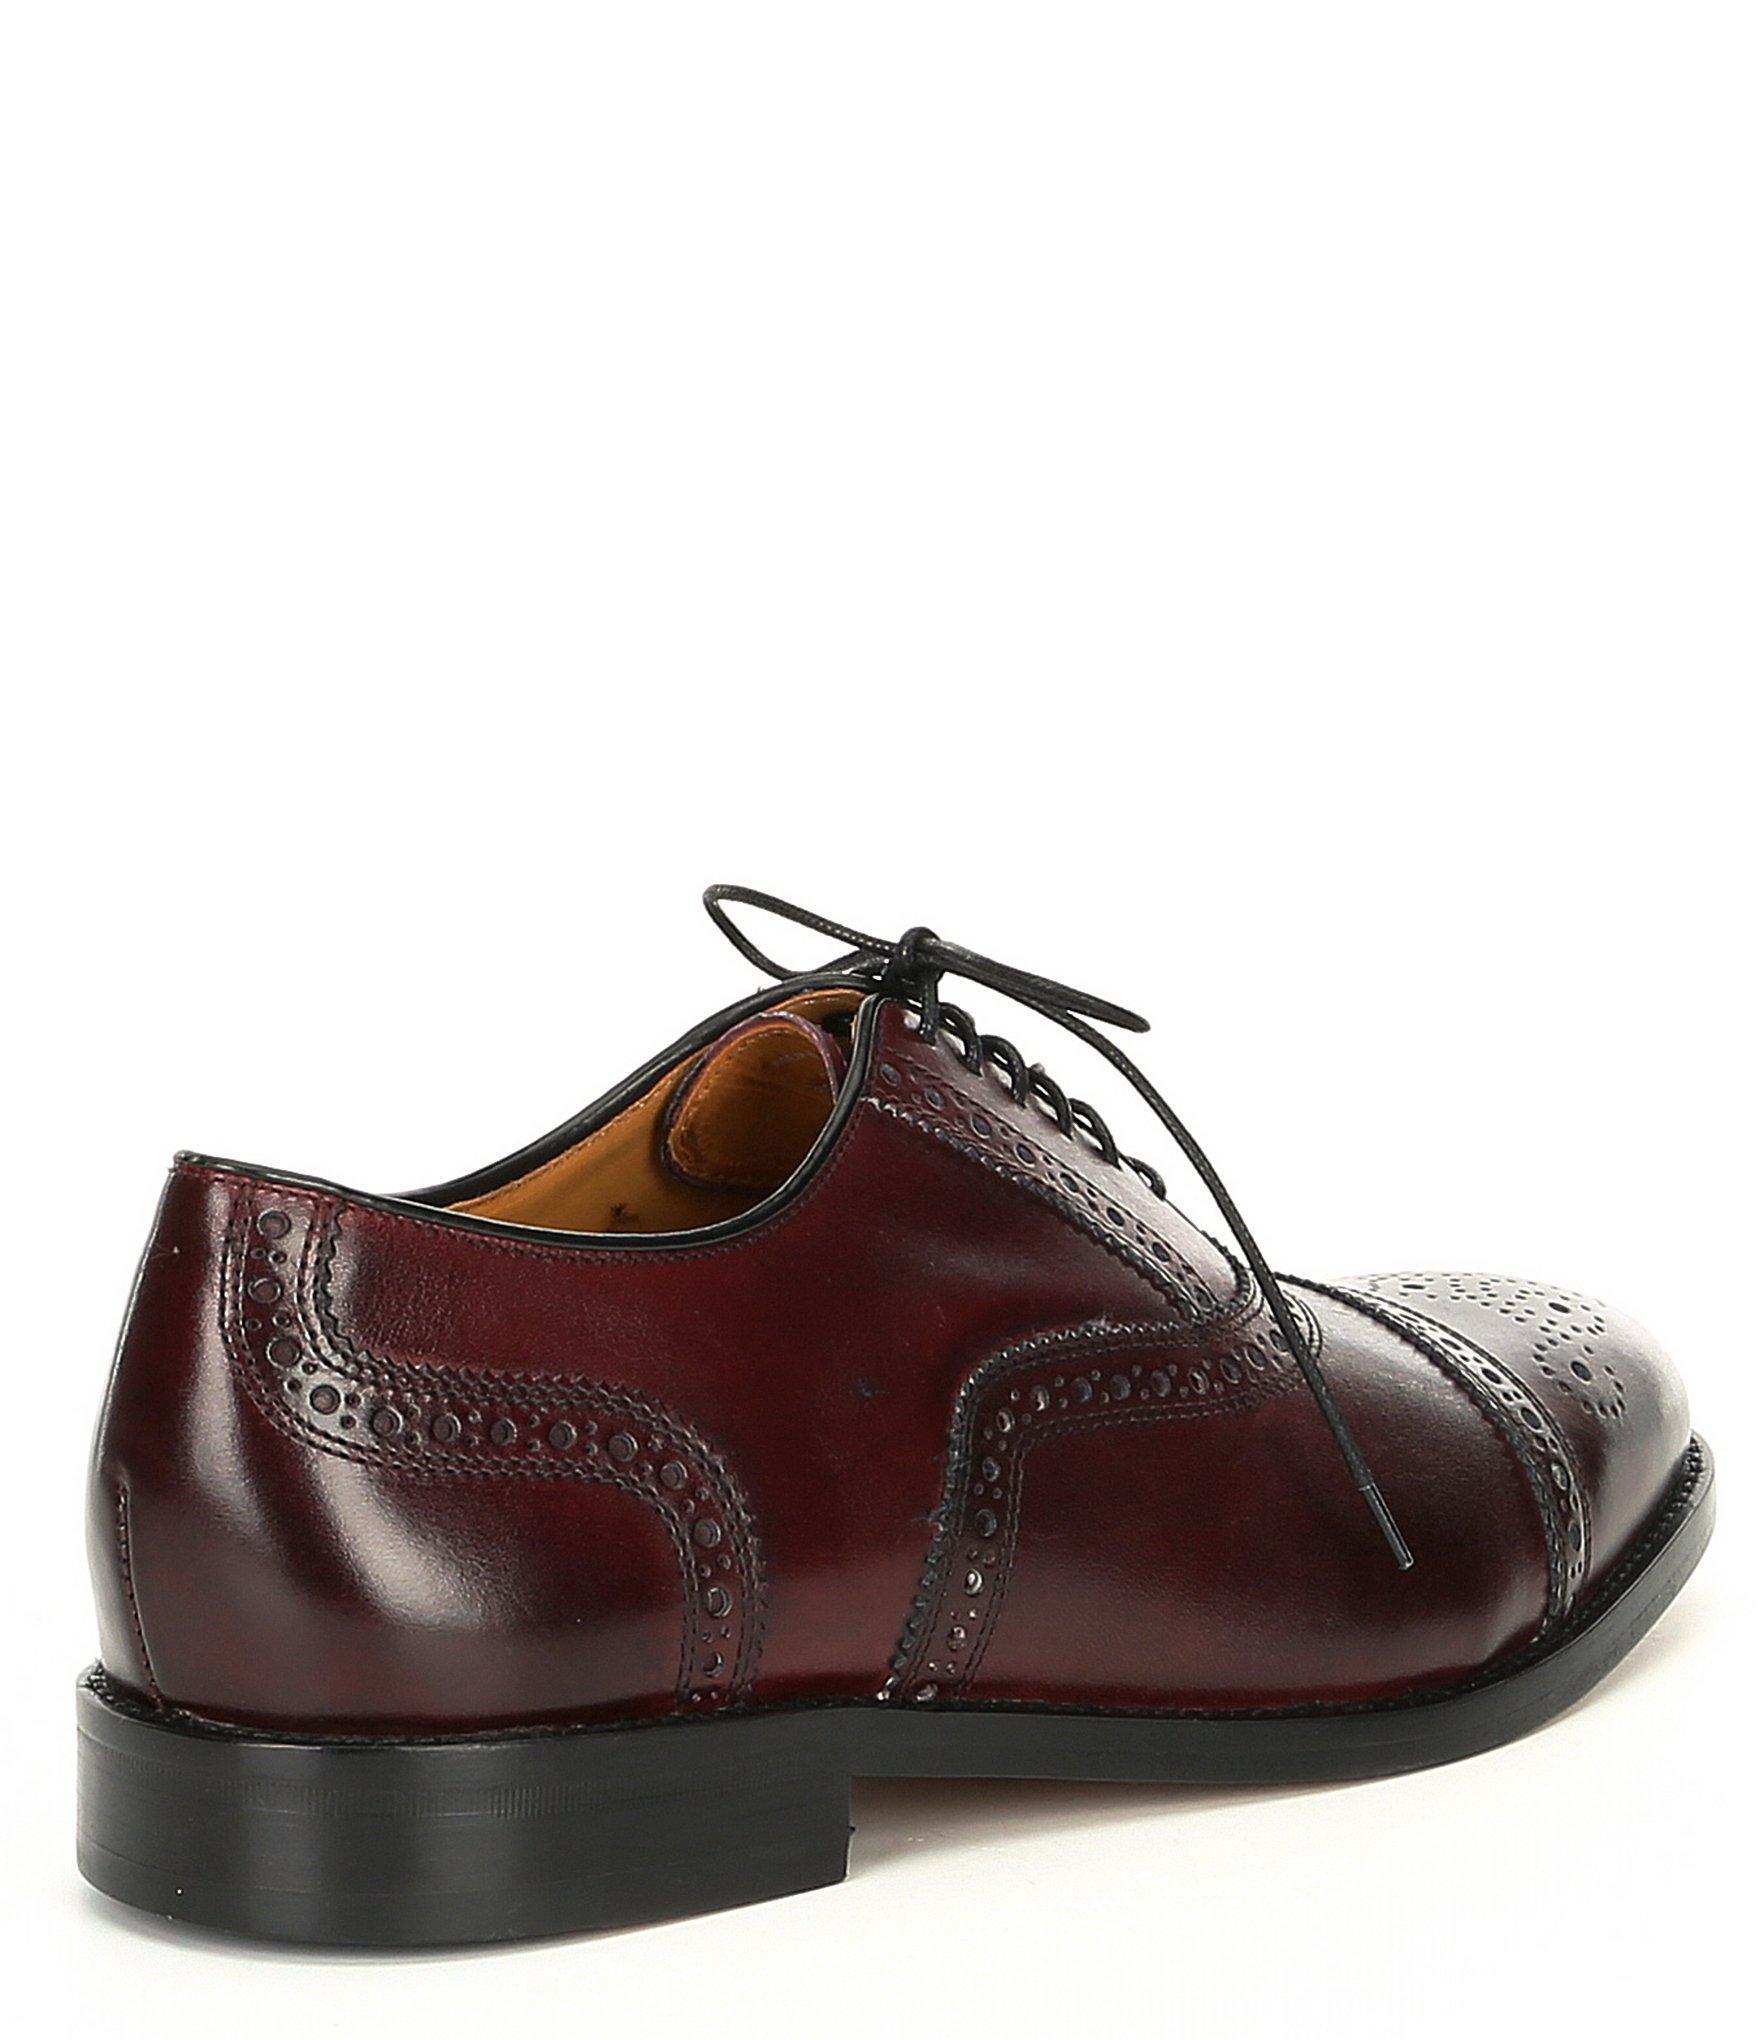 e06dfec00 Cole Haan - Brown American Classics Kneeland Brogue Cap Toe Oxford for Men  - Lyst. View fullscreen